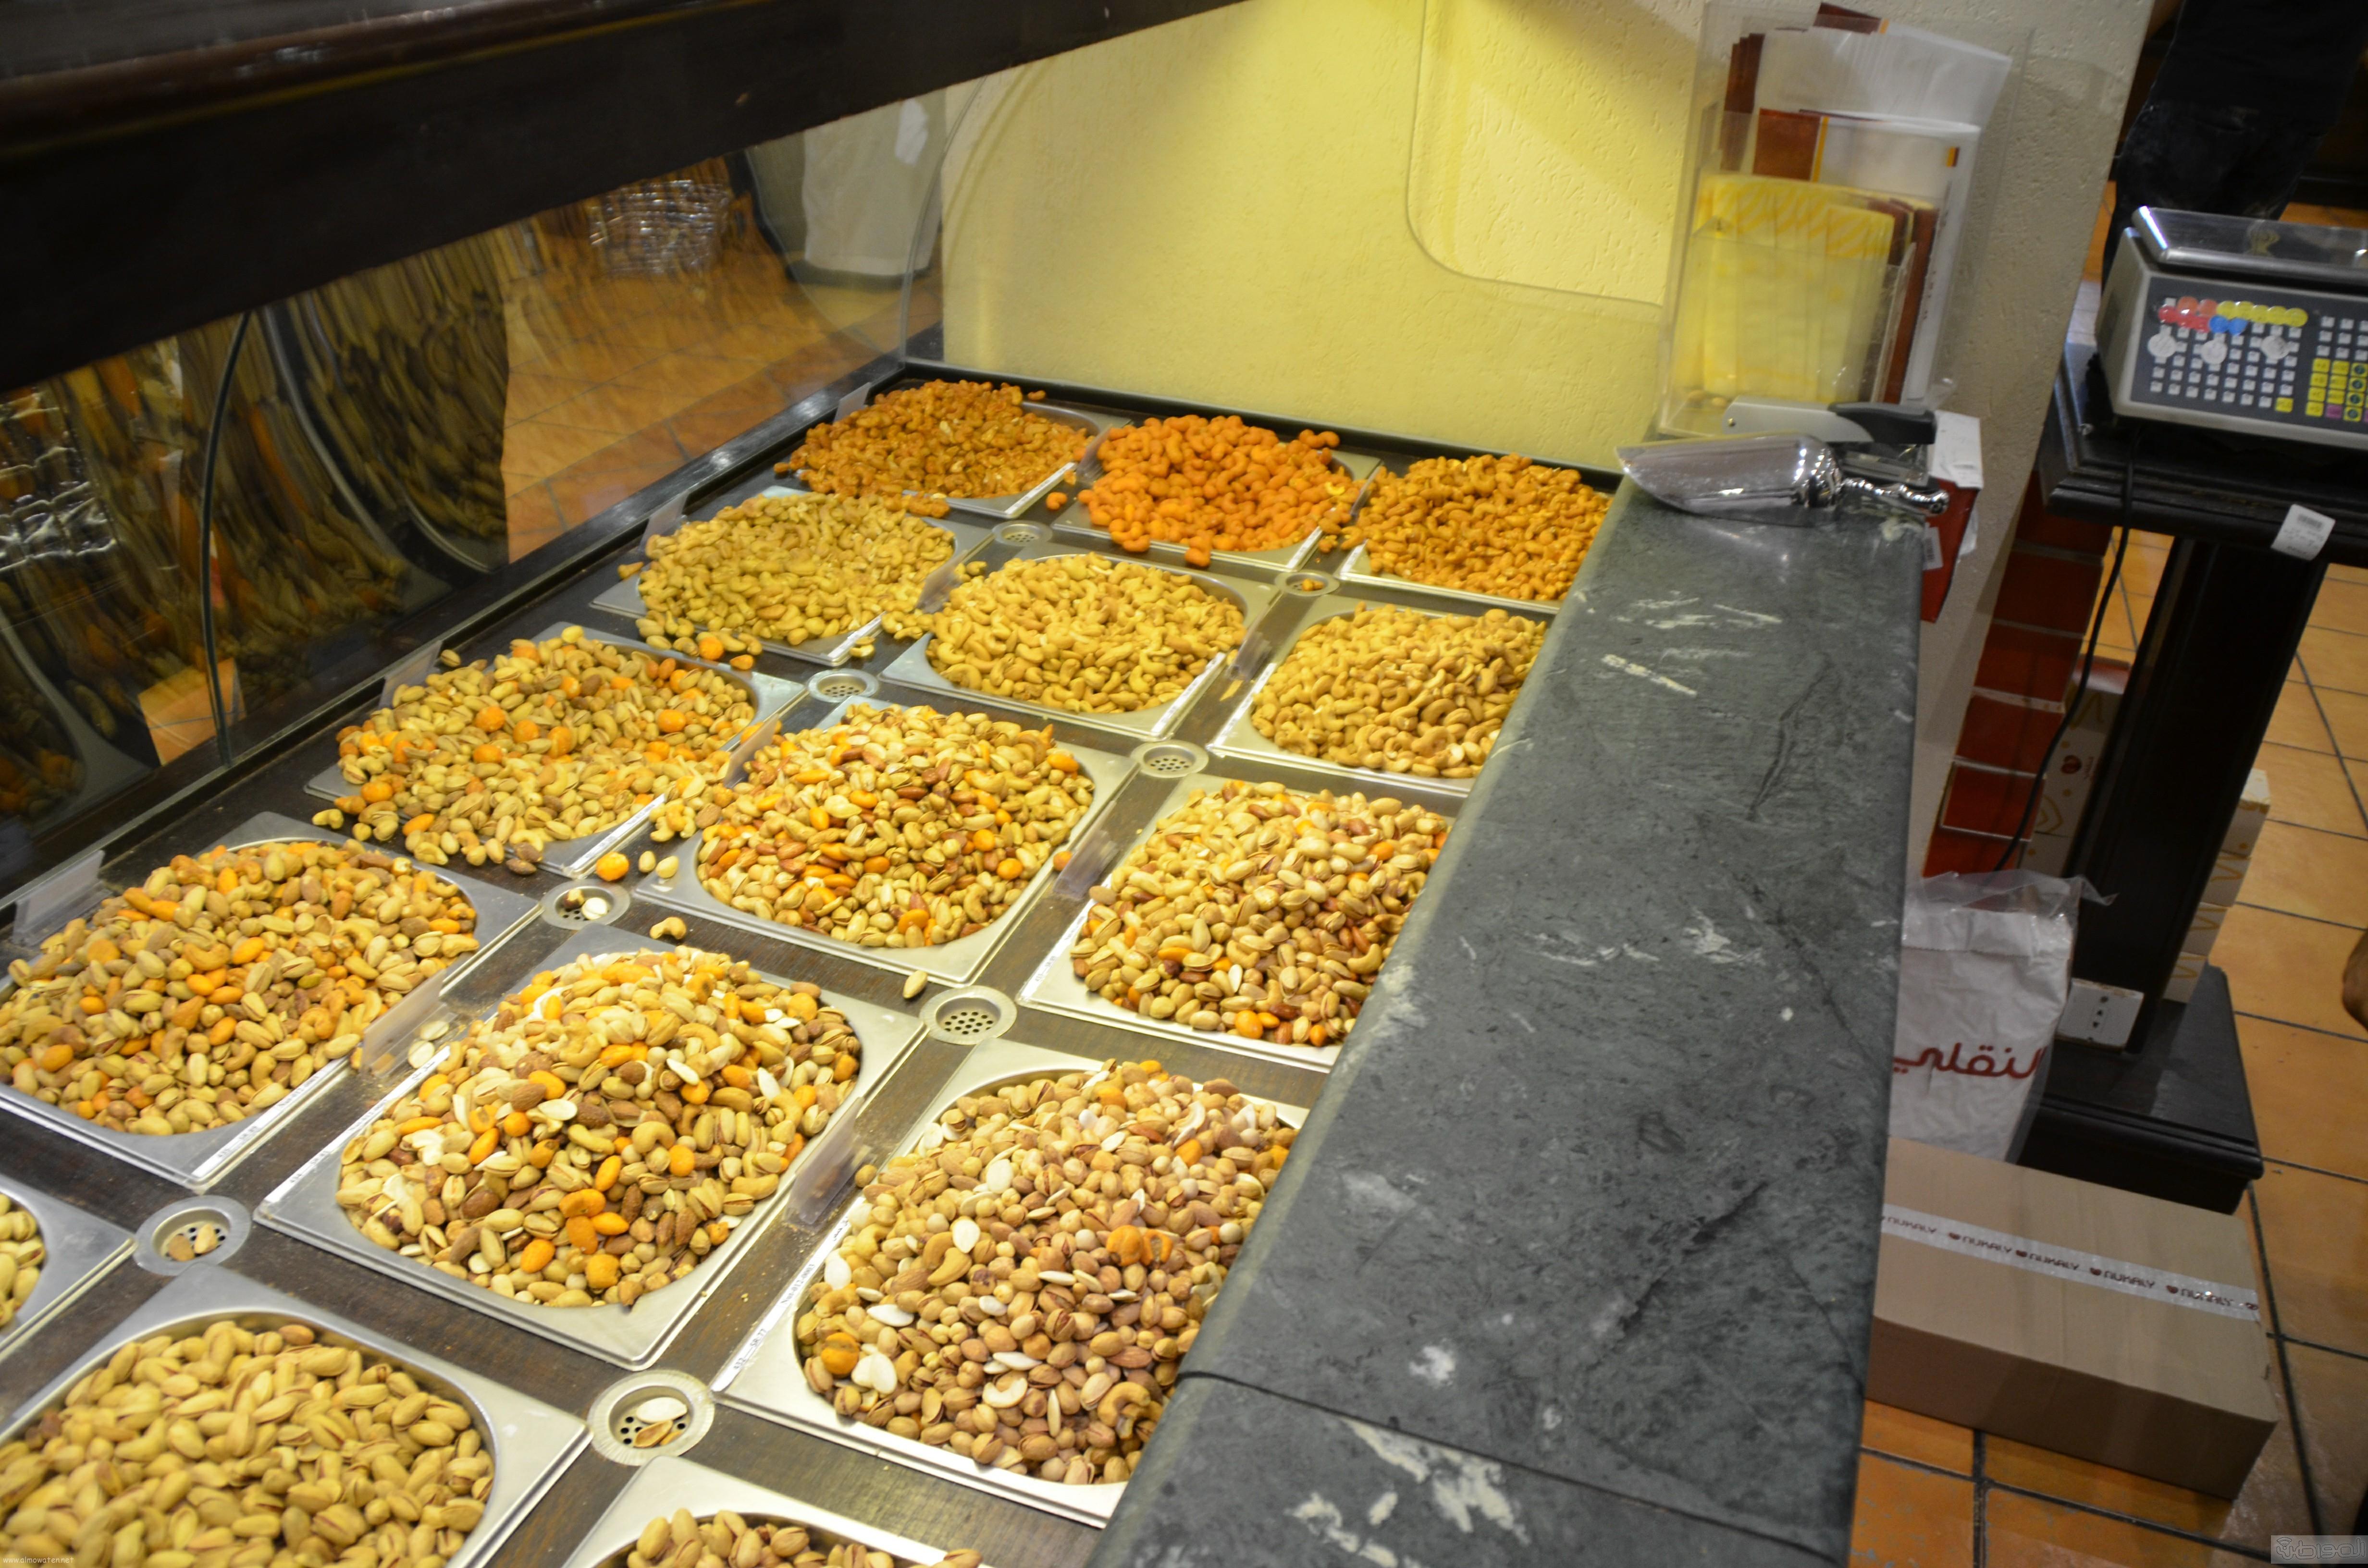 جولة باسواق الحلويات والتمور في جدة قبل العيد (11)